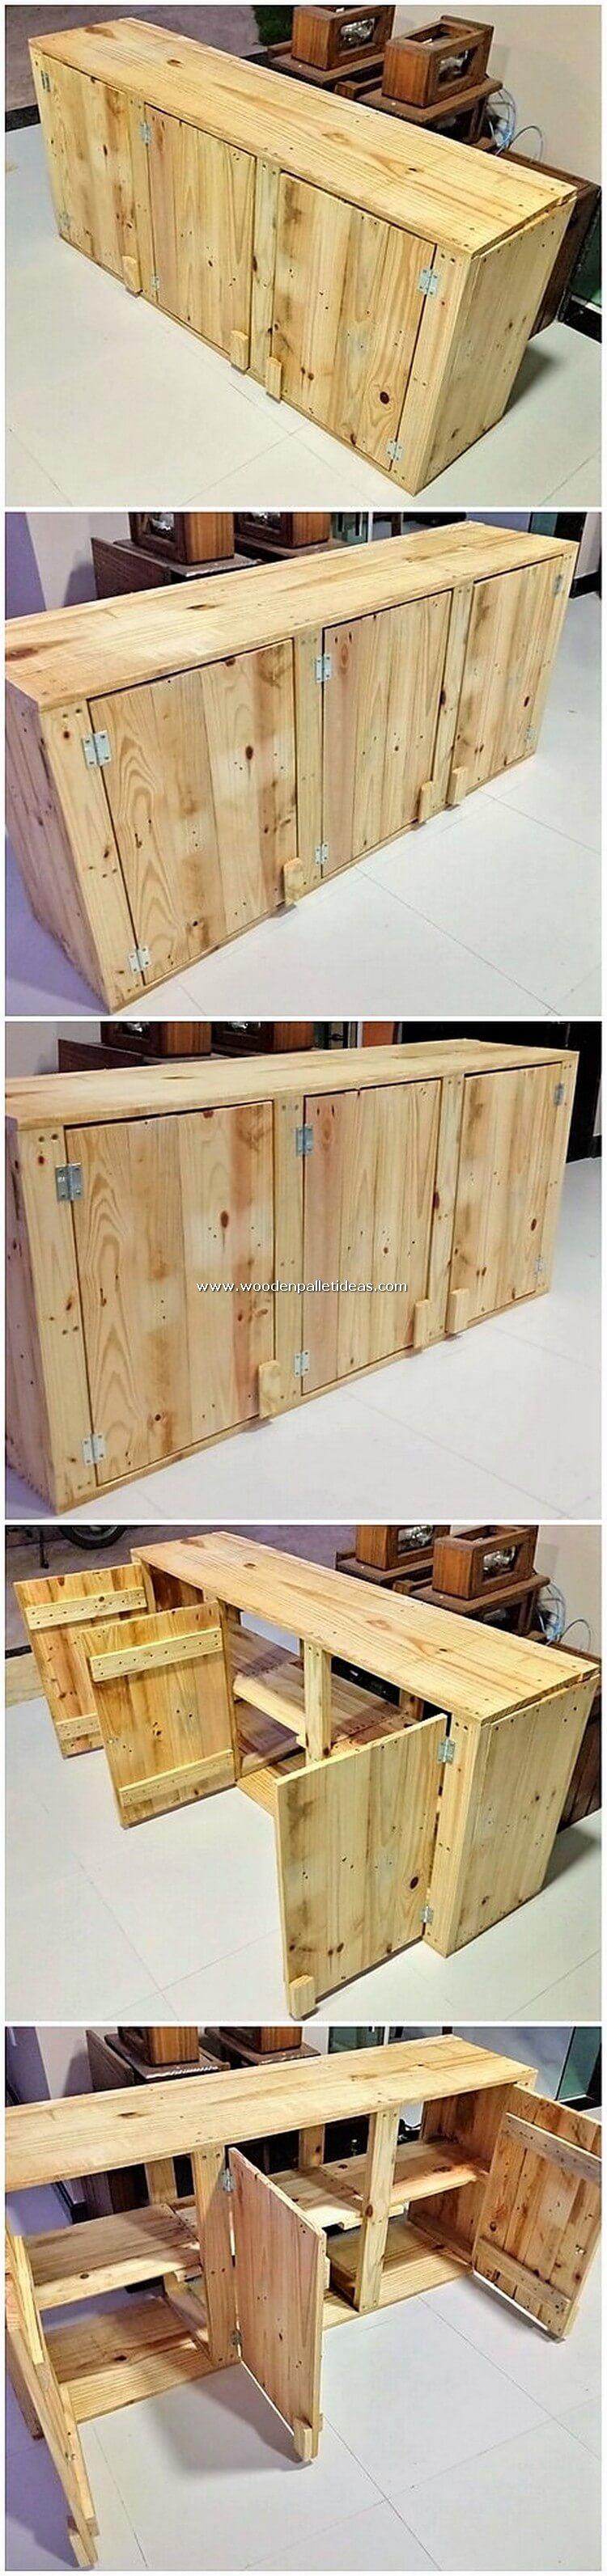 DIY-Pallet-Cabinet-1